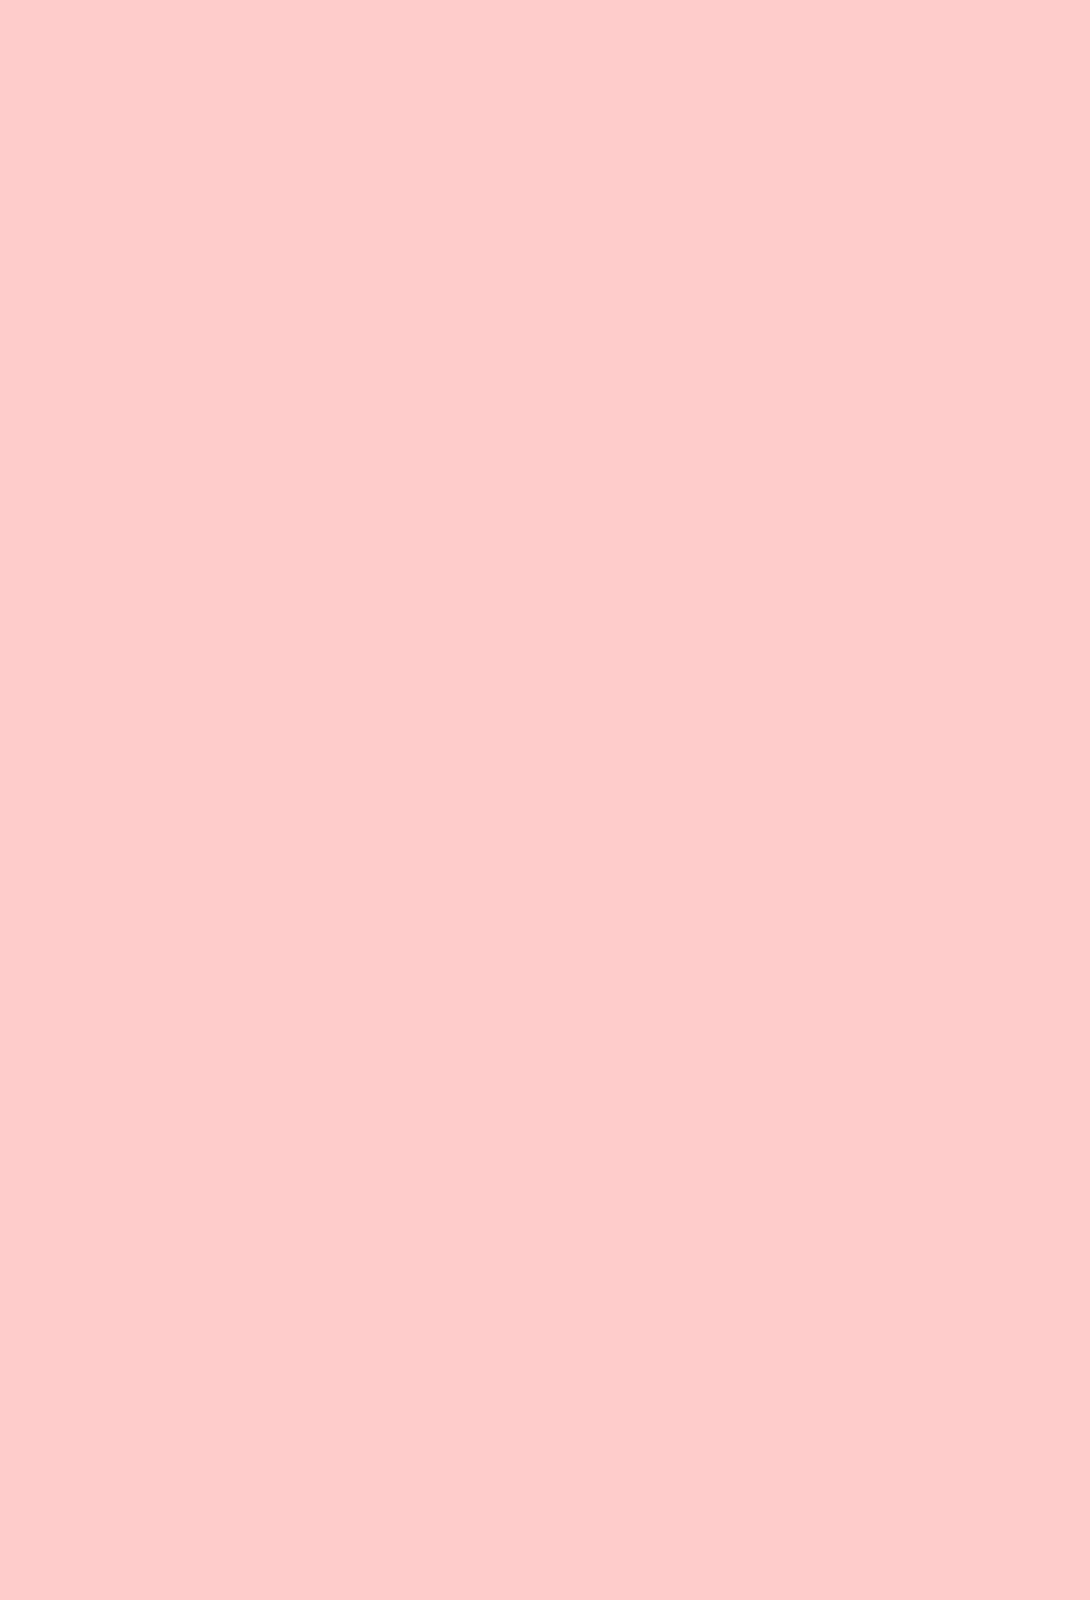 [Kamirenjaku Sanpei] Tonari no Sperm-san Ch.0-7+Epilogue [ENG] 4